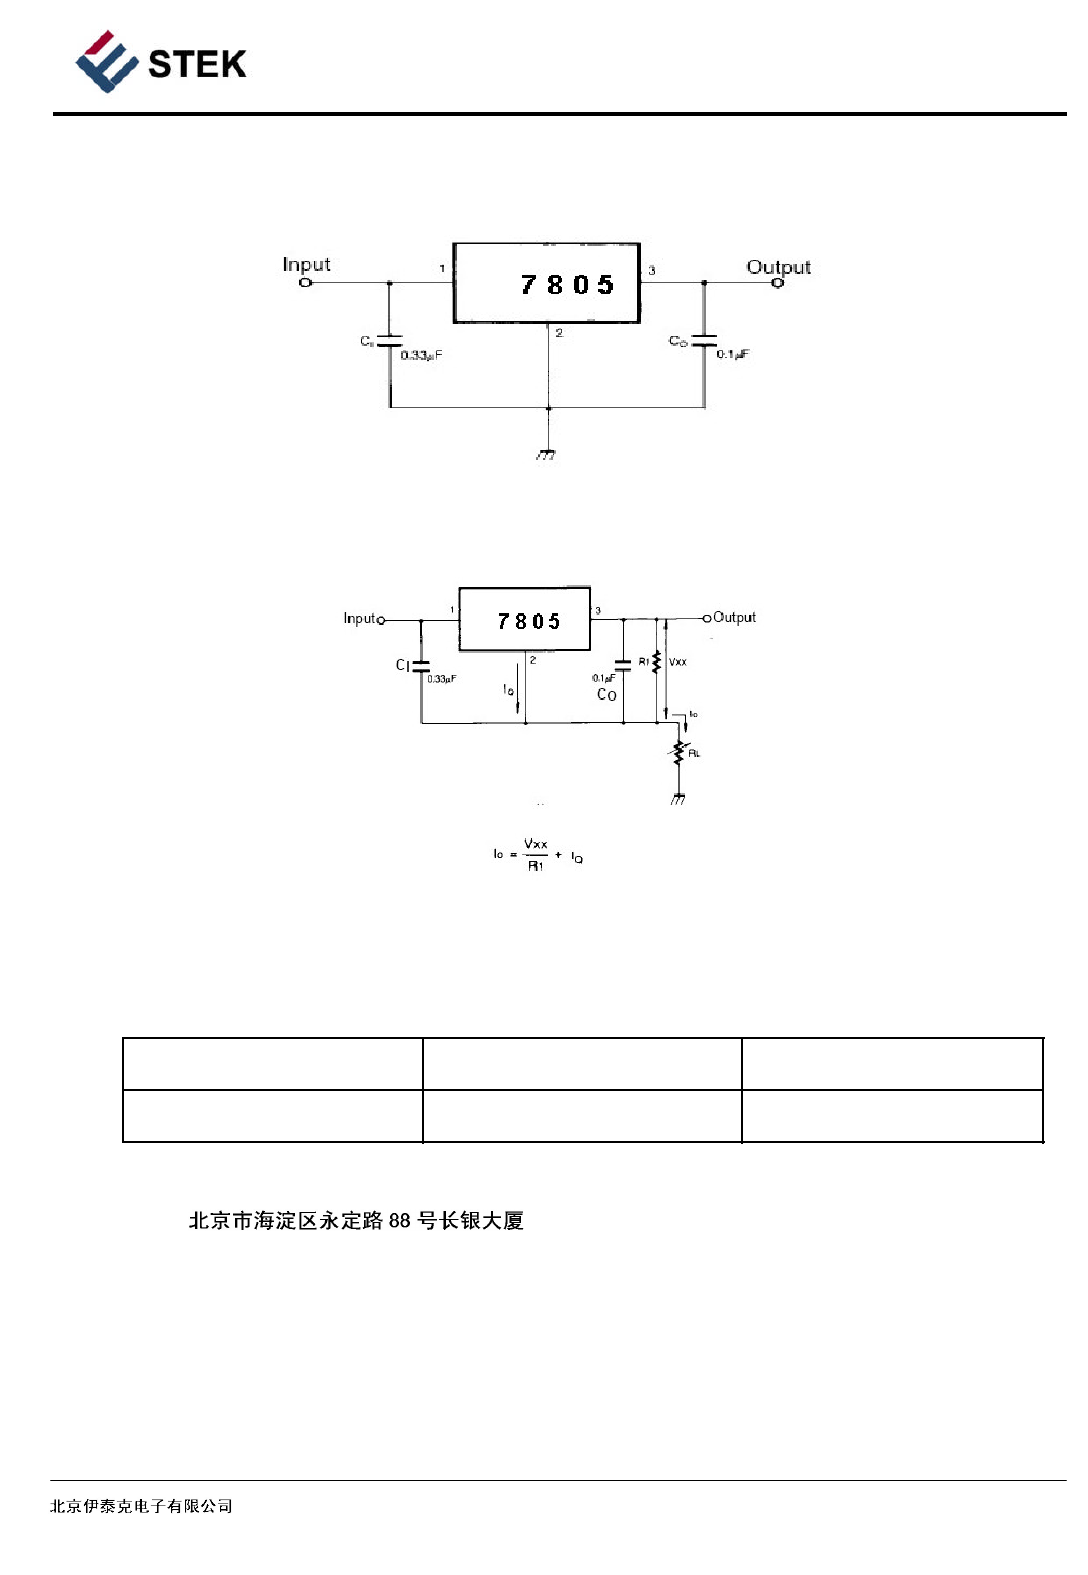 7805A pdf, ピン配列